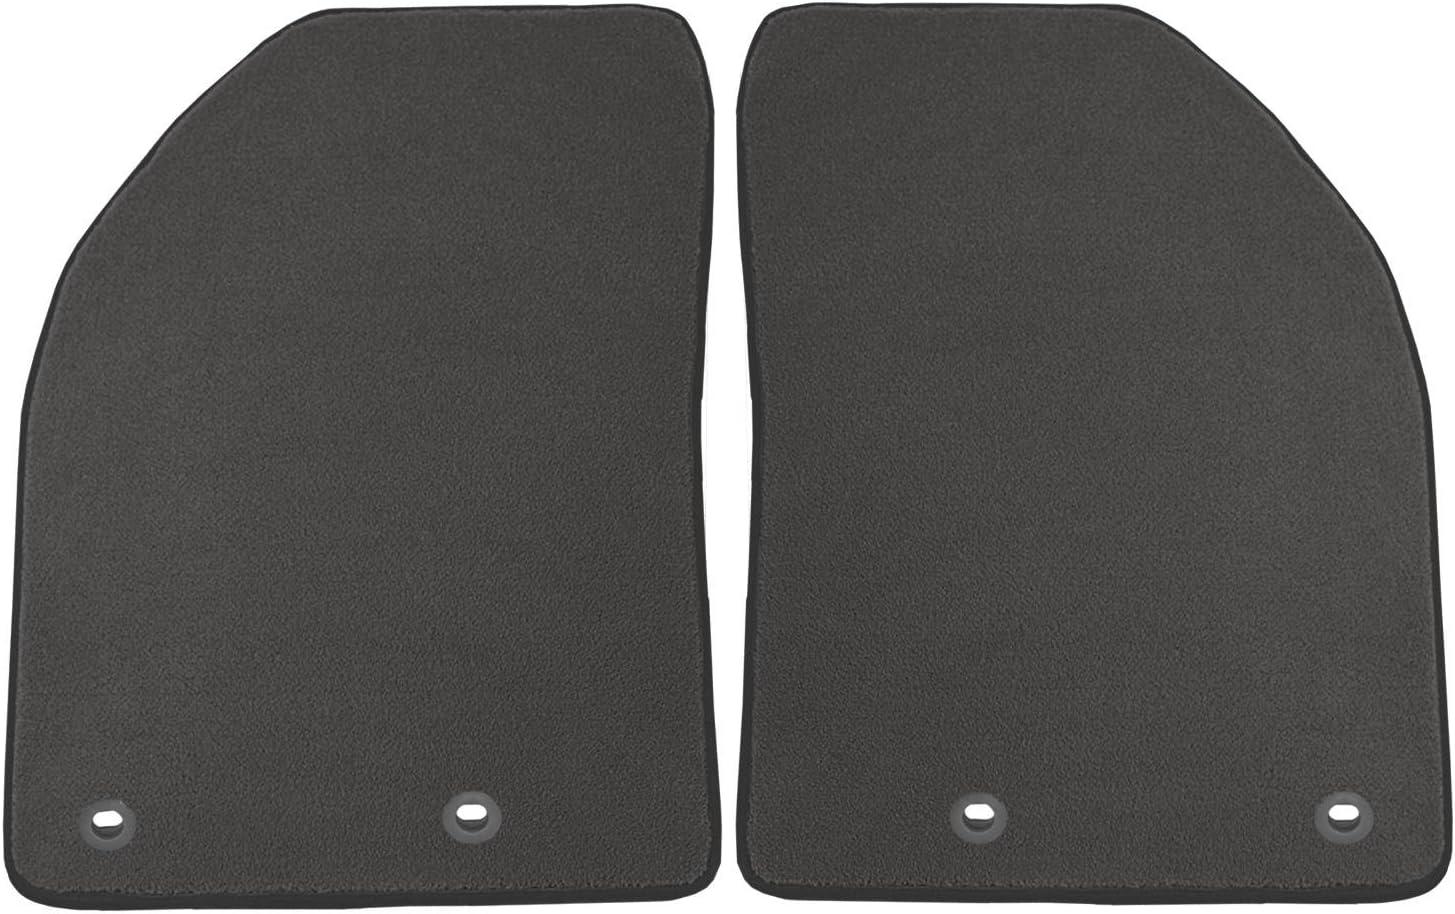 Coverking Custom Fit Front Floor Mats for Select Honda Pilot Models Black Nylon Carpet